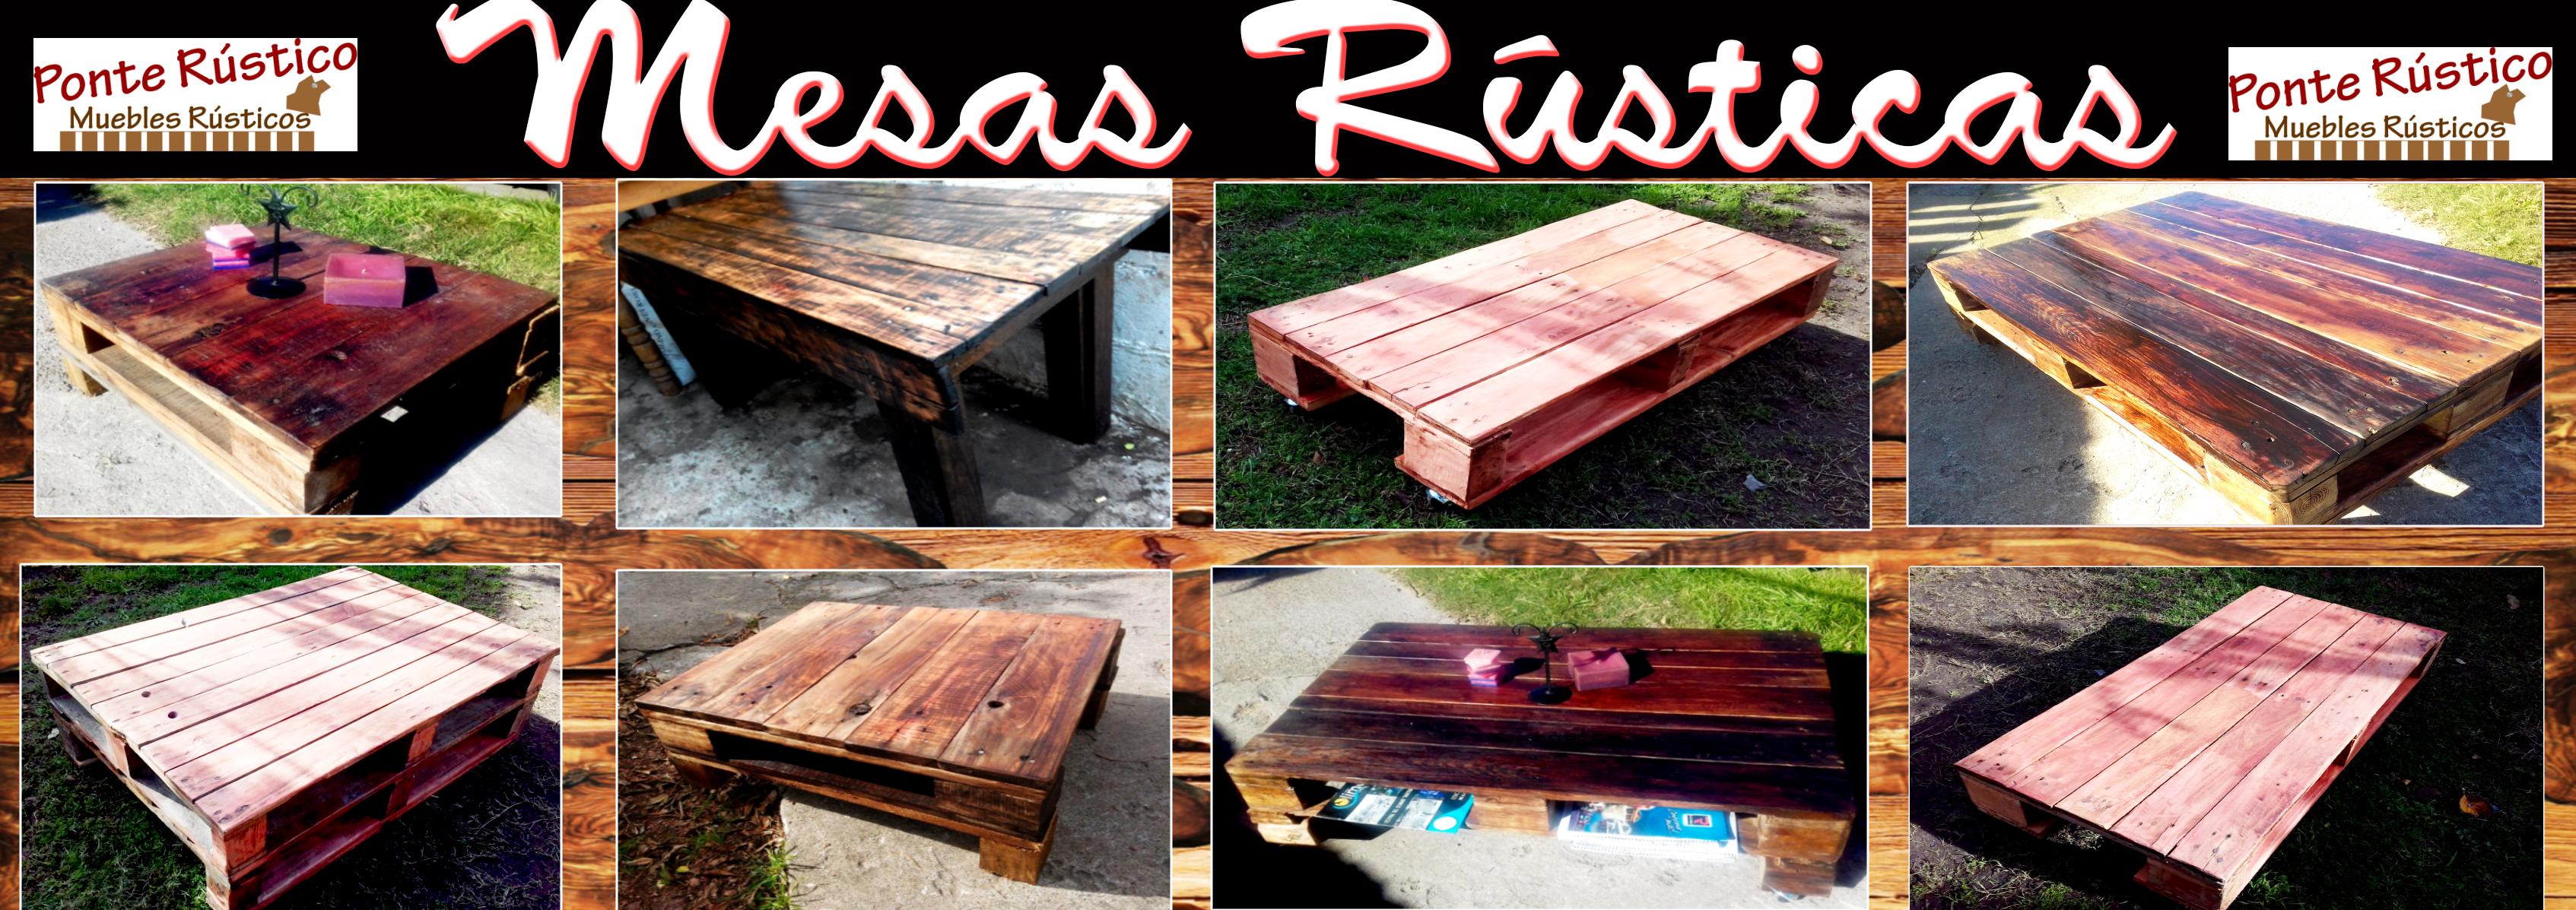 Muebles rusticos en colonia uruguay carpinteria r stica for Muebles en maldonado uruguay